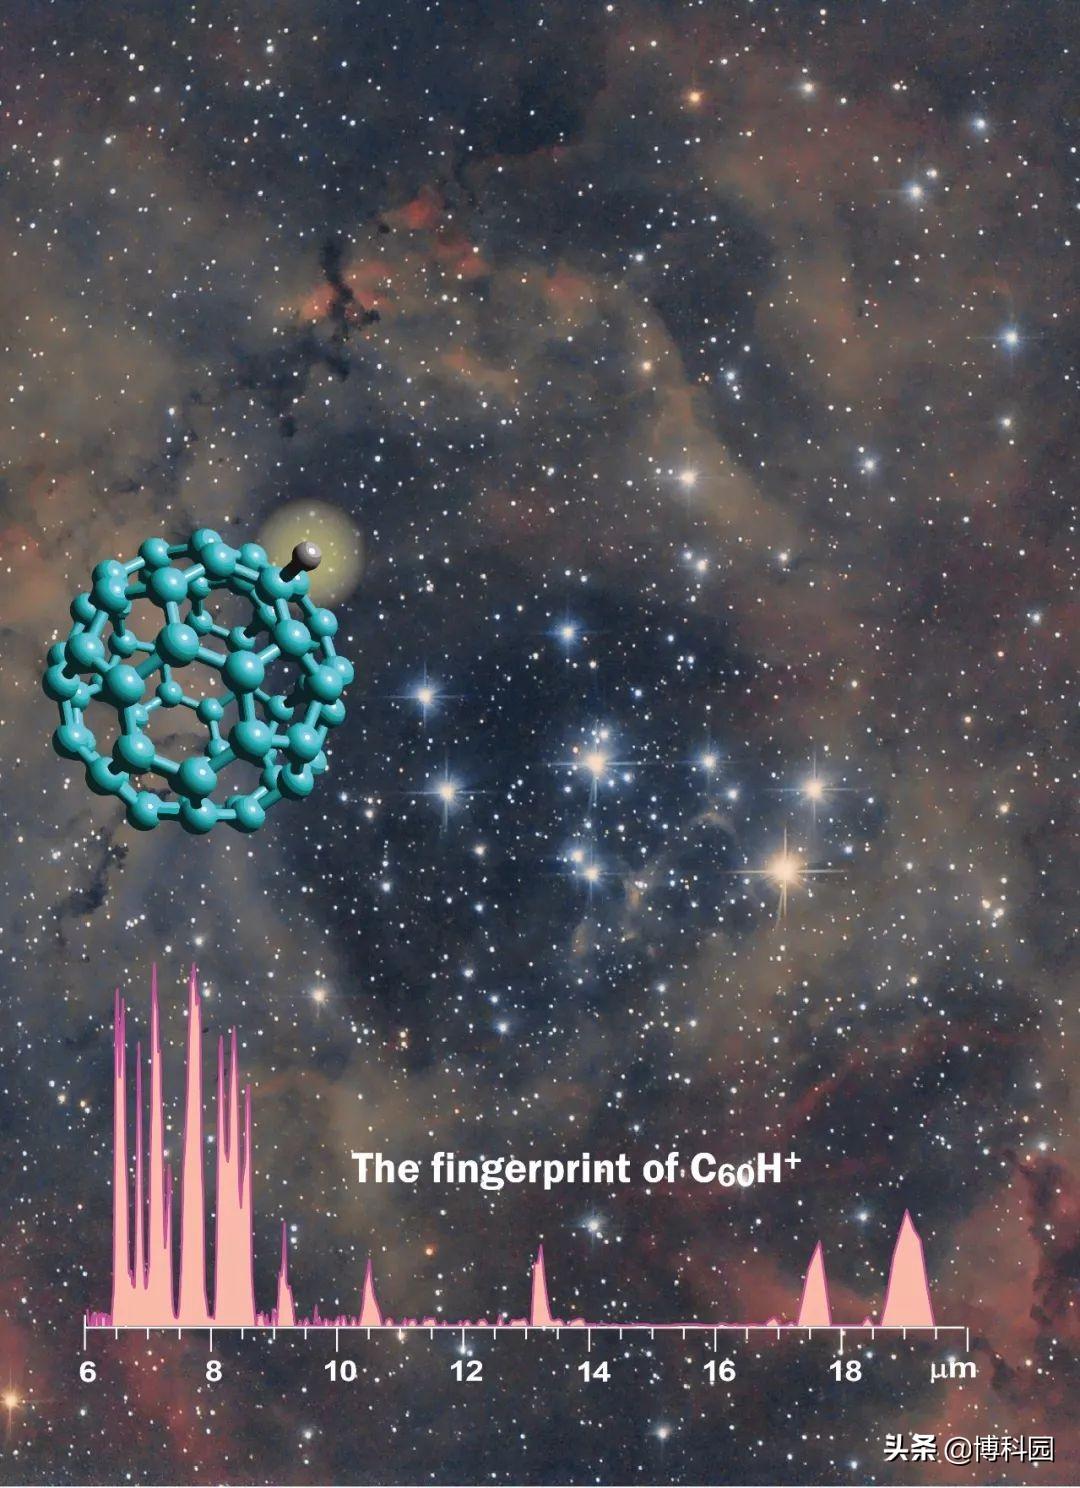 碳60不再完美!首次发现并确认:带有一个质子的碳60分子